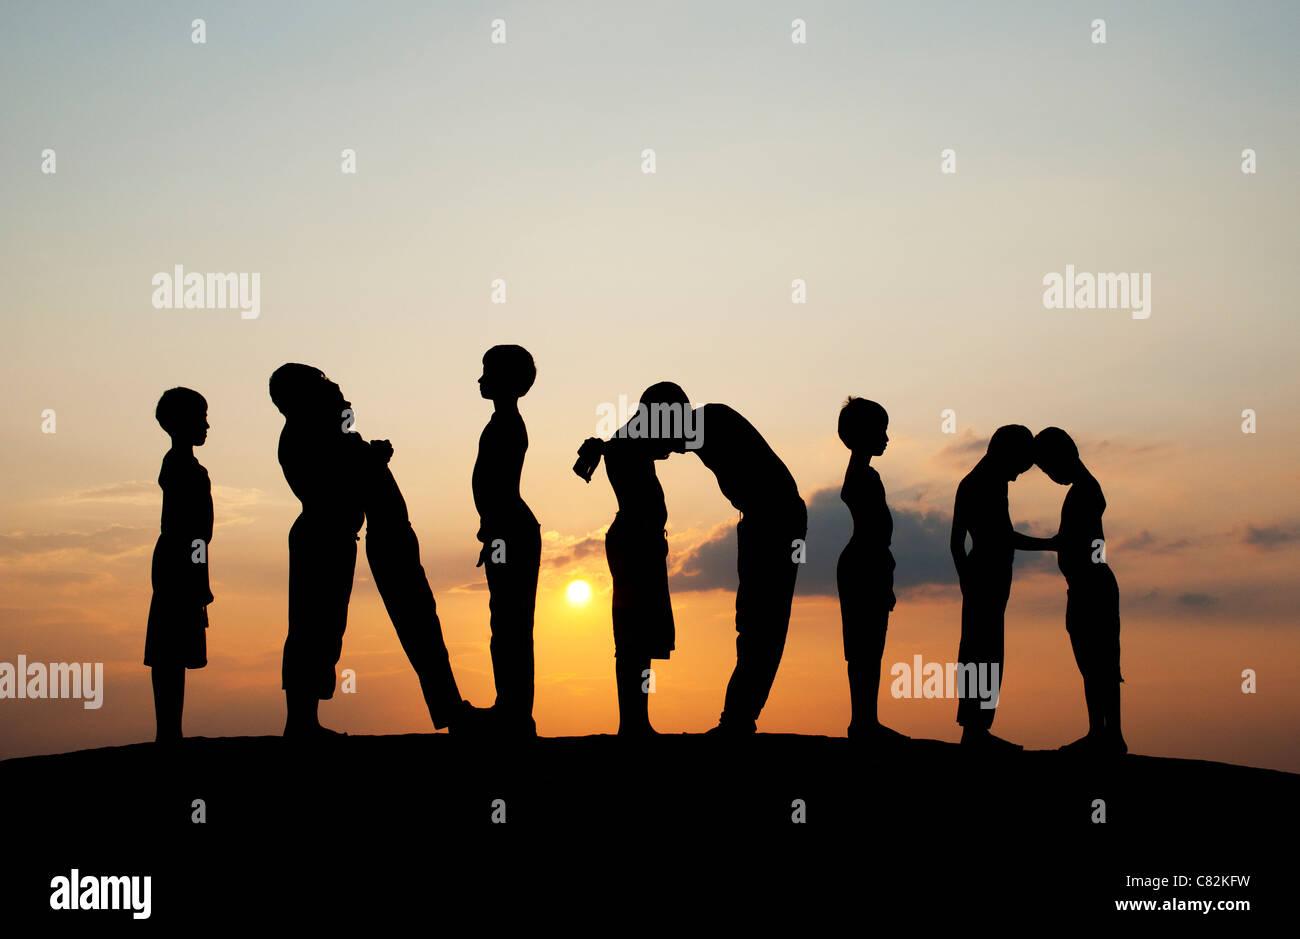 Silhouette von 9 jungen Rechtschreibung das Wort Indien bei Sonnenuntergang. Indien Stockbild